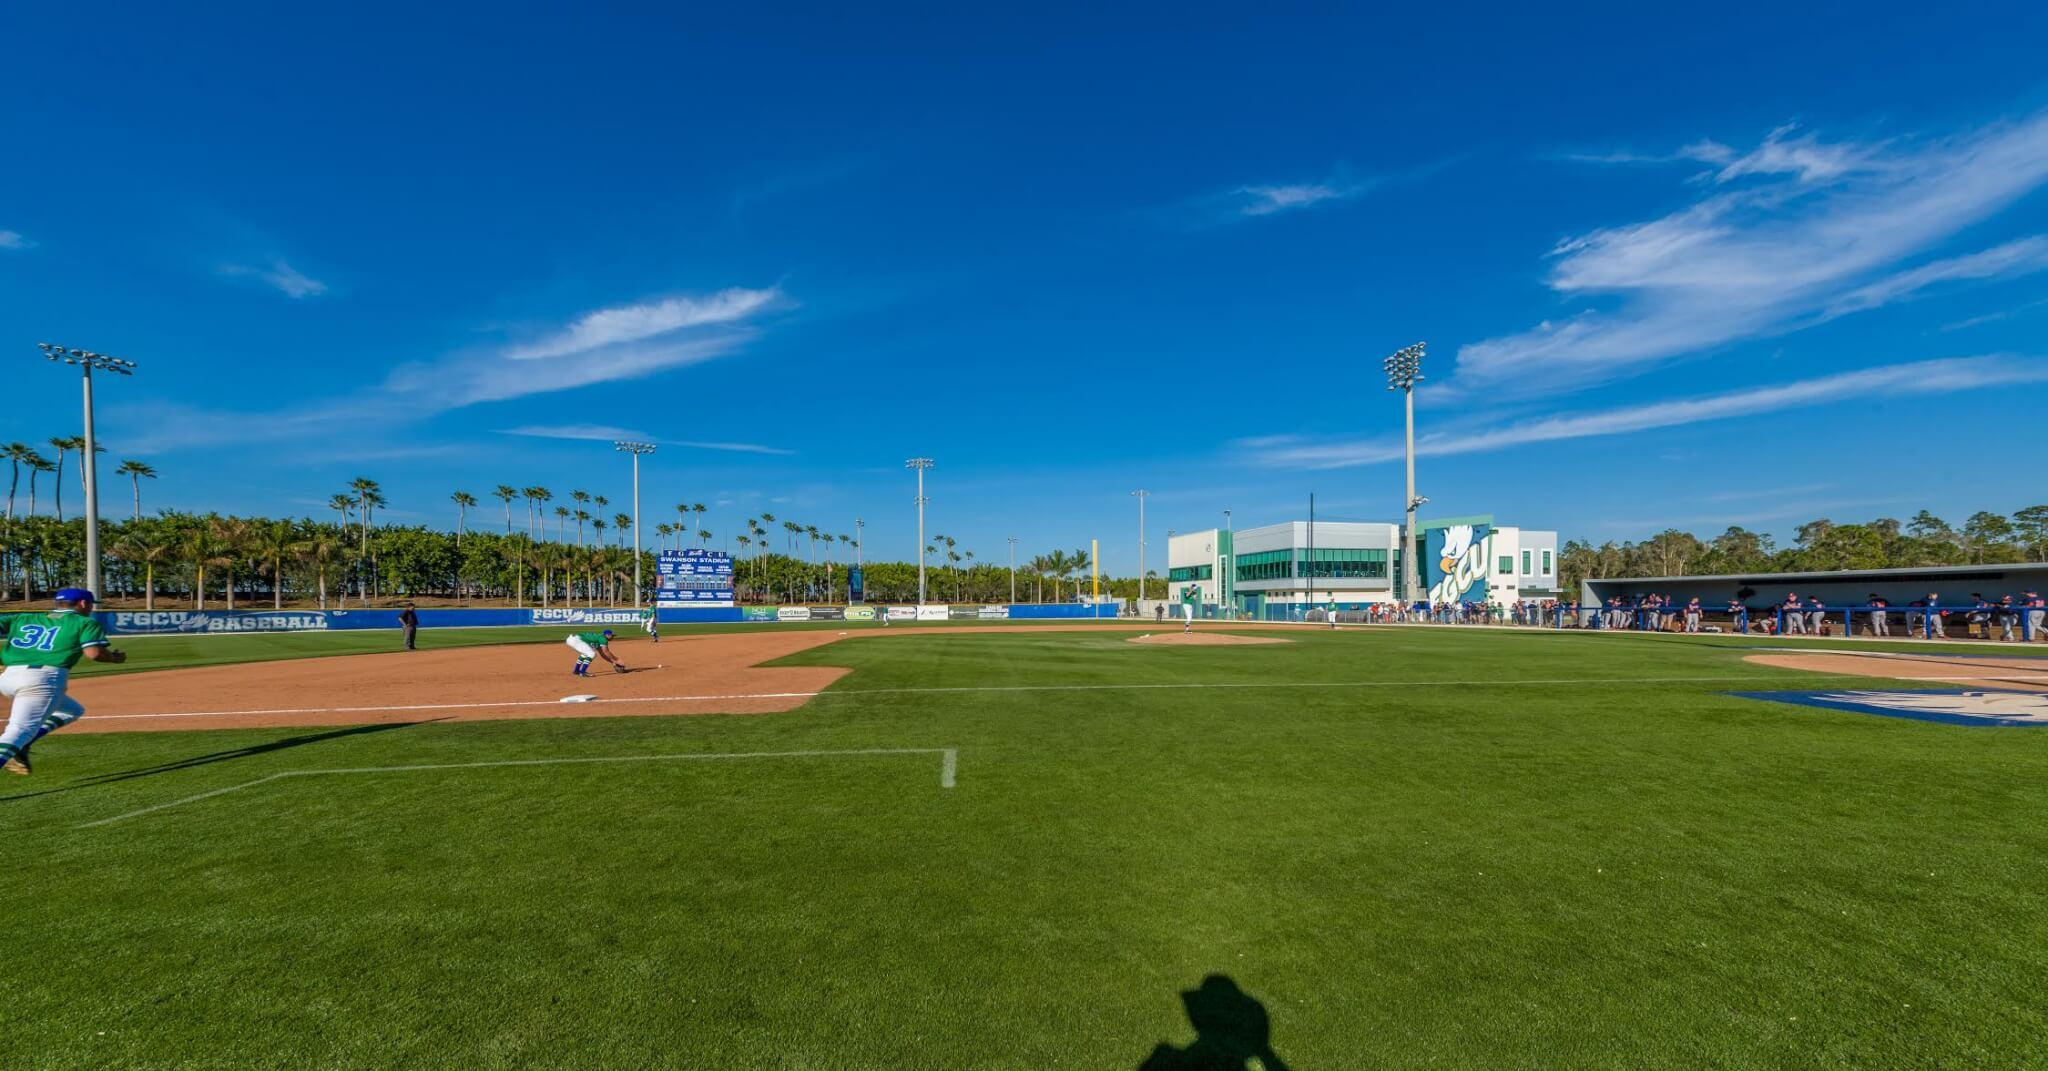 FGCU baseball welcomes six spring recruits